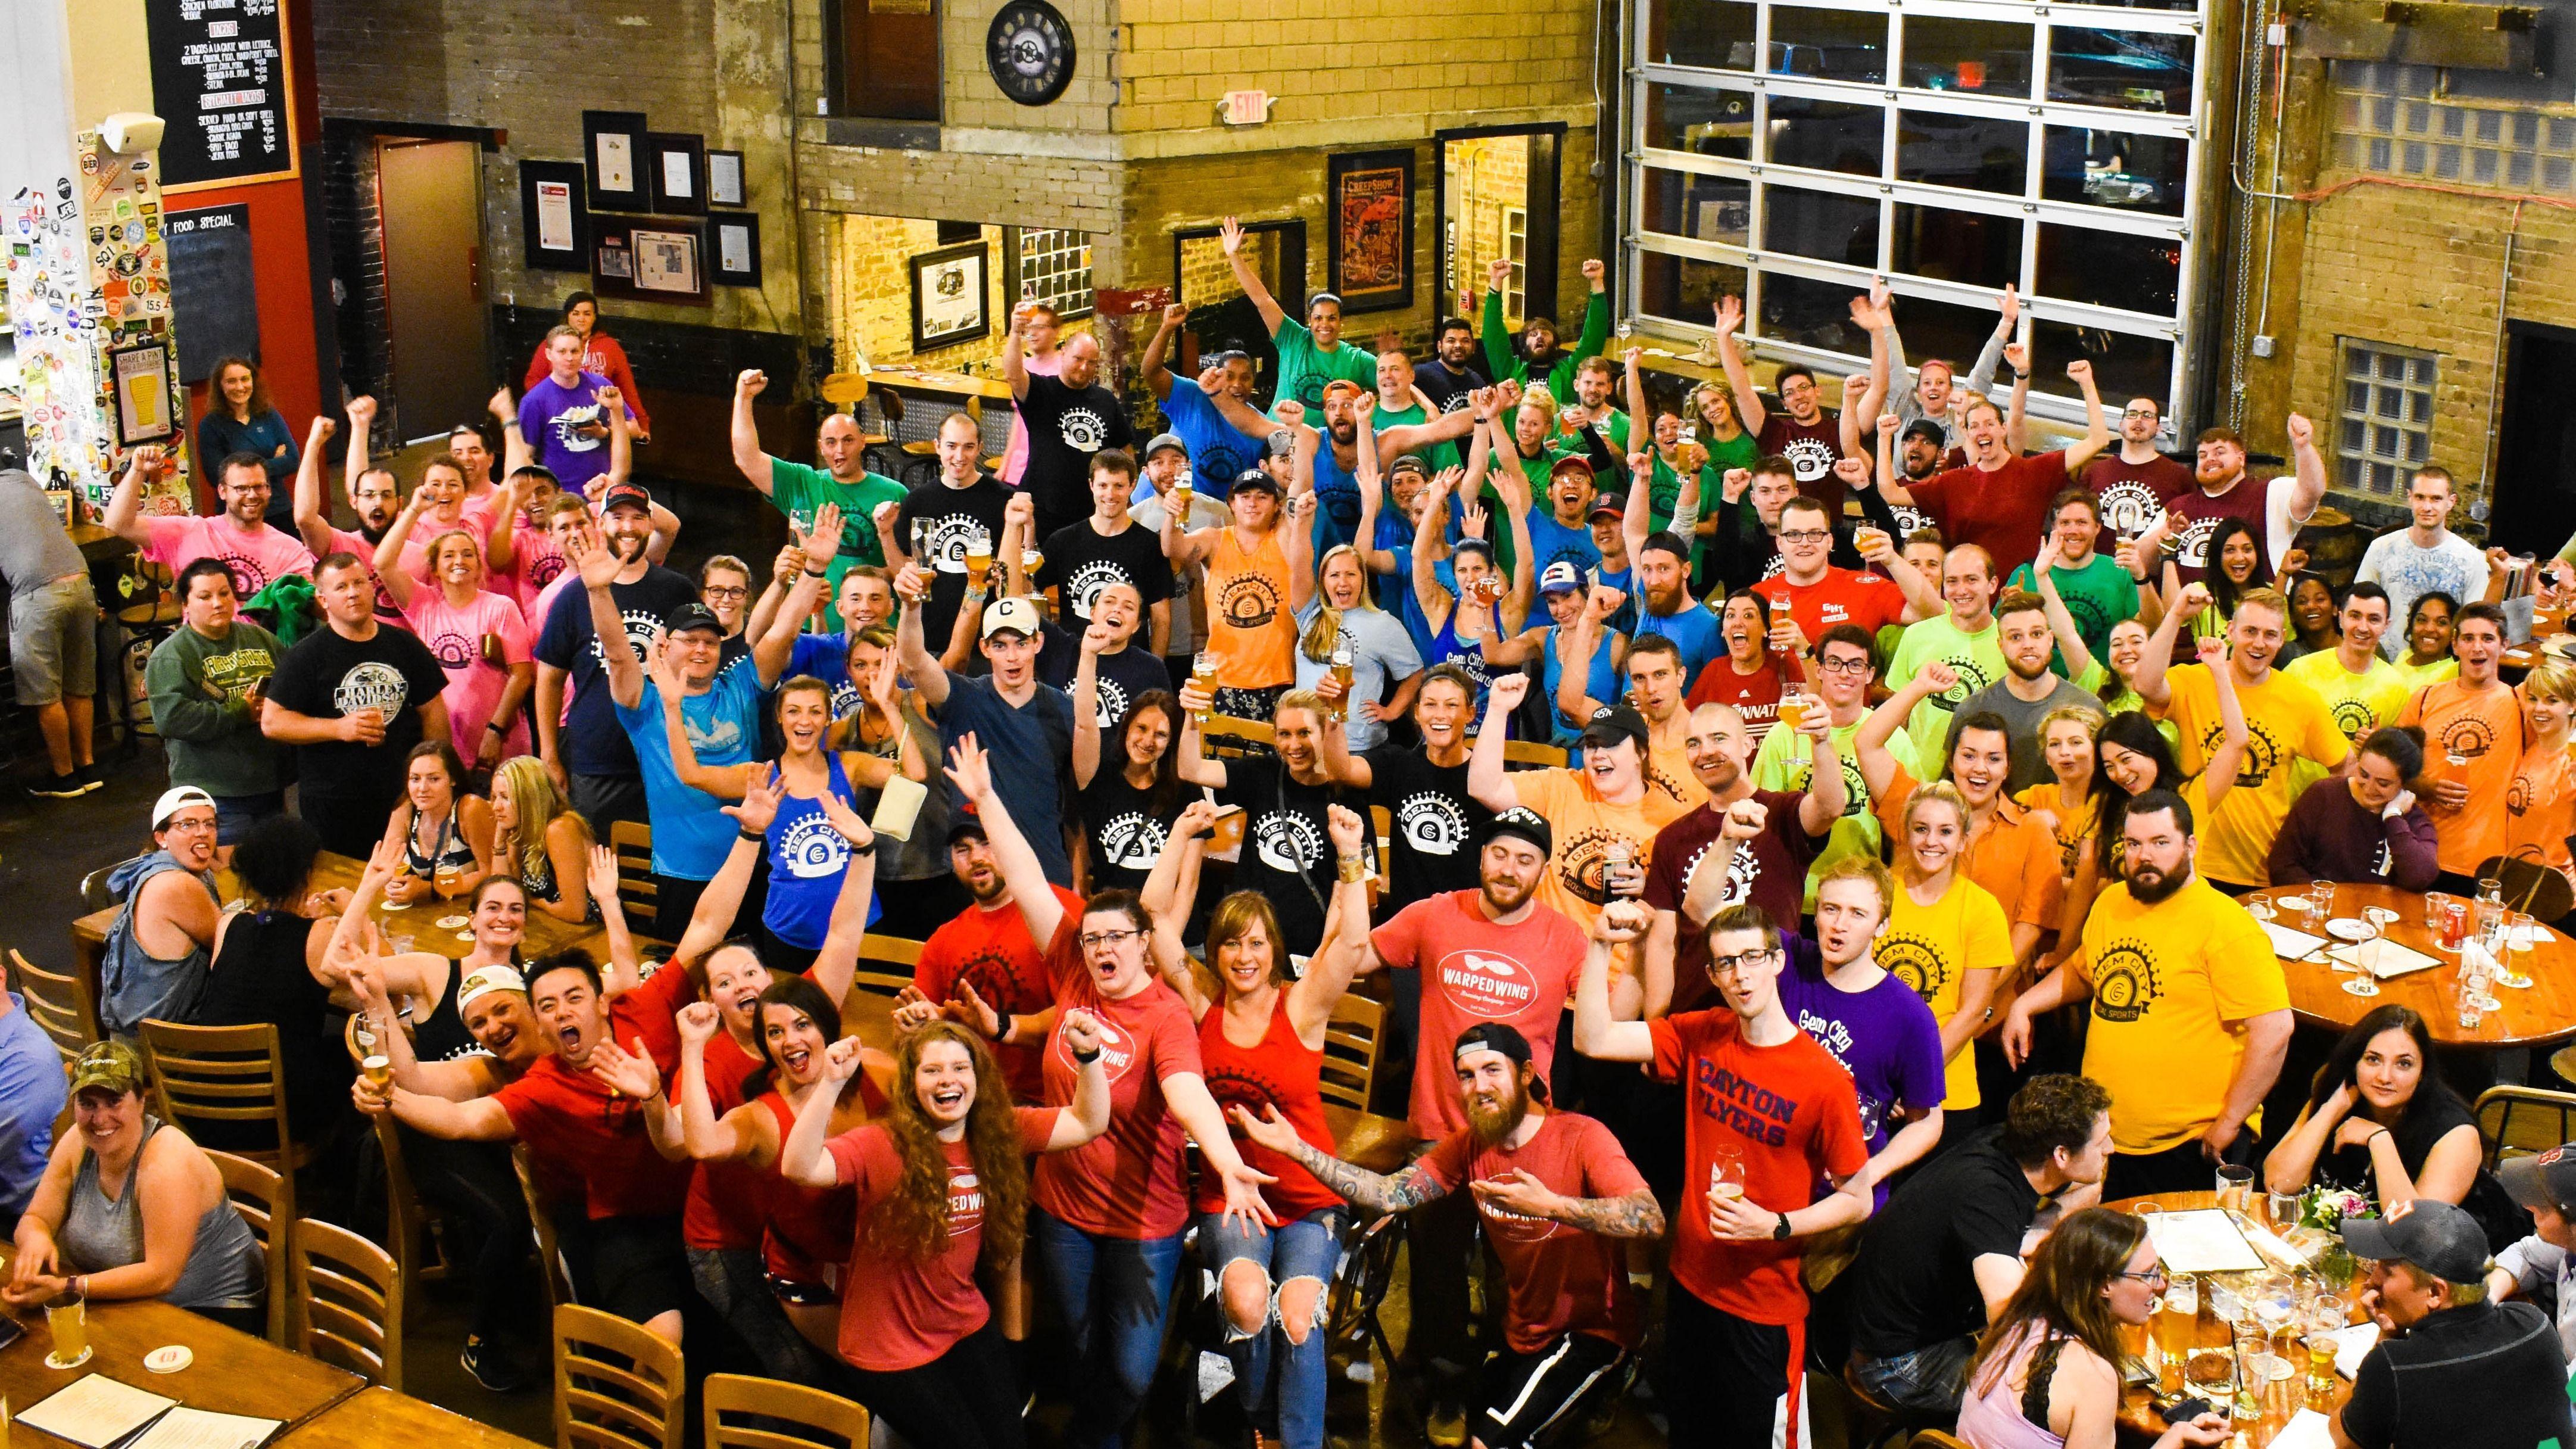 Dayton Social Sports and Pickup Games